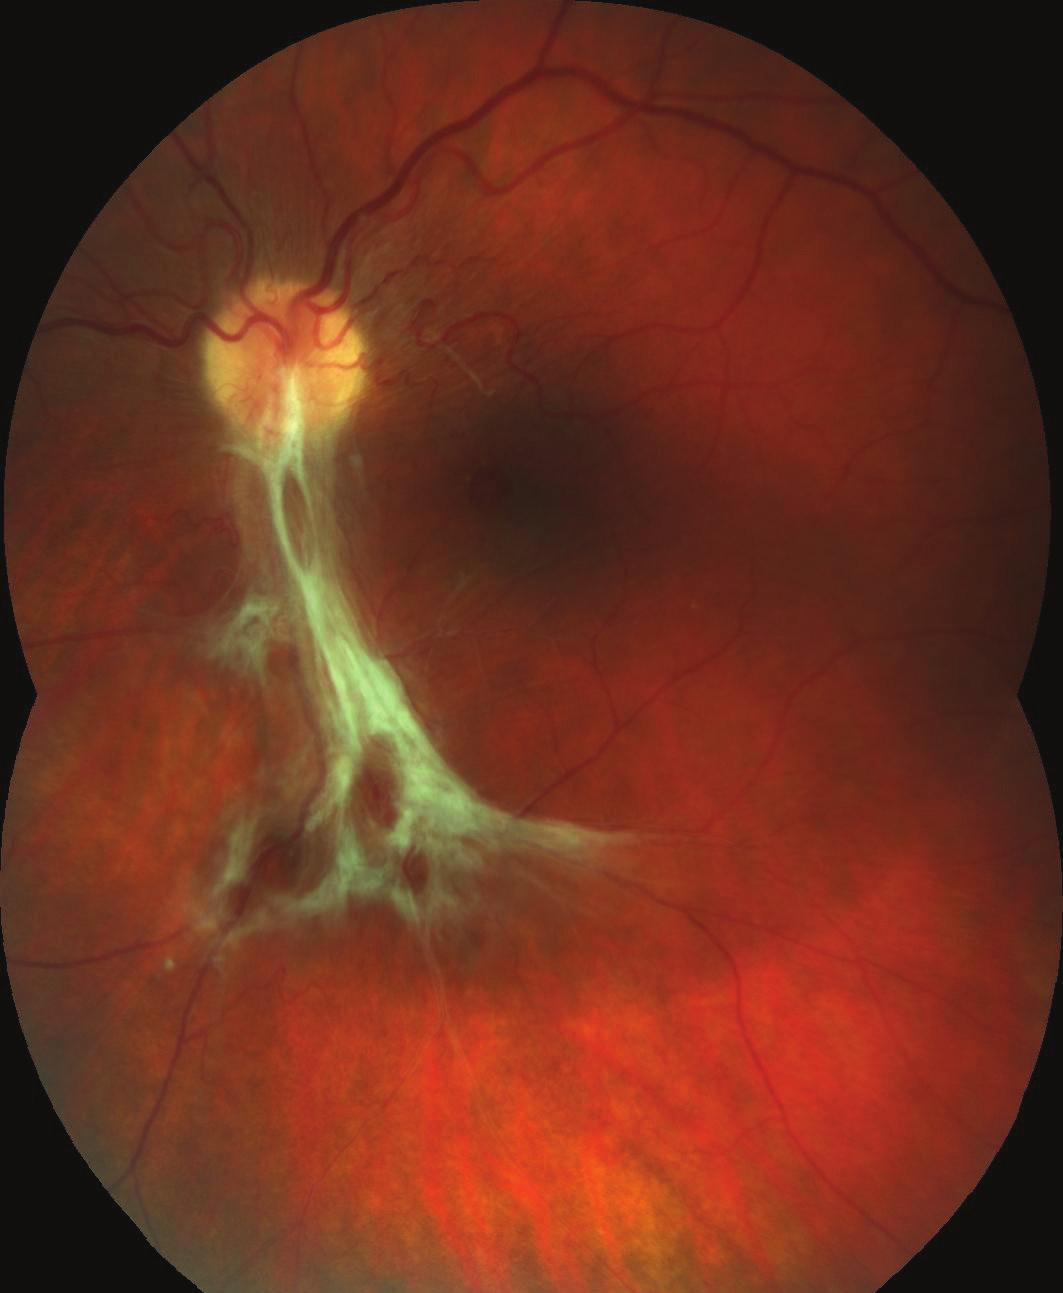 Barevný fotografický snímek fundu levého oka: preretinální fibróza při dolní temporální arkádě způsobující nařasení sítnice v centrální krajině